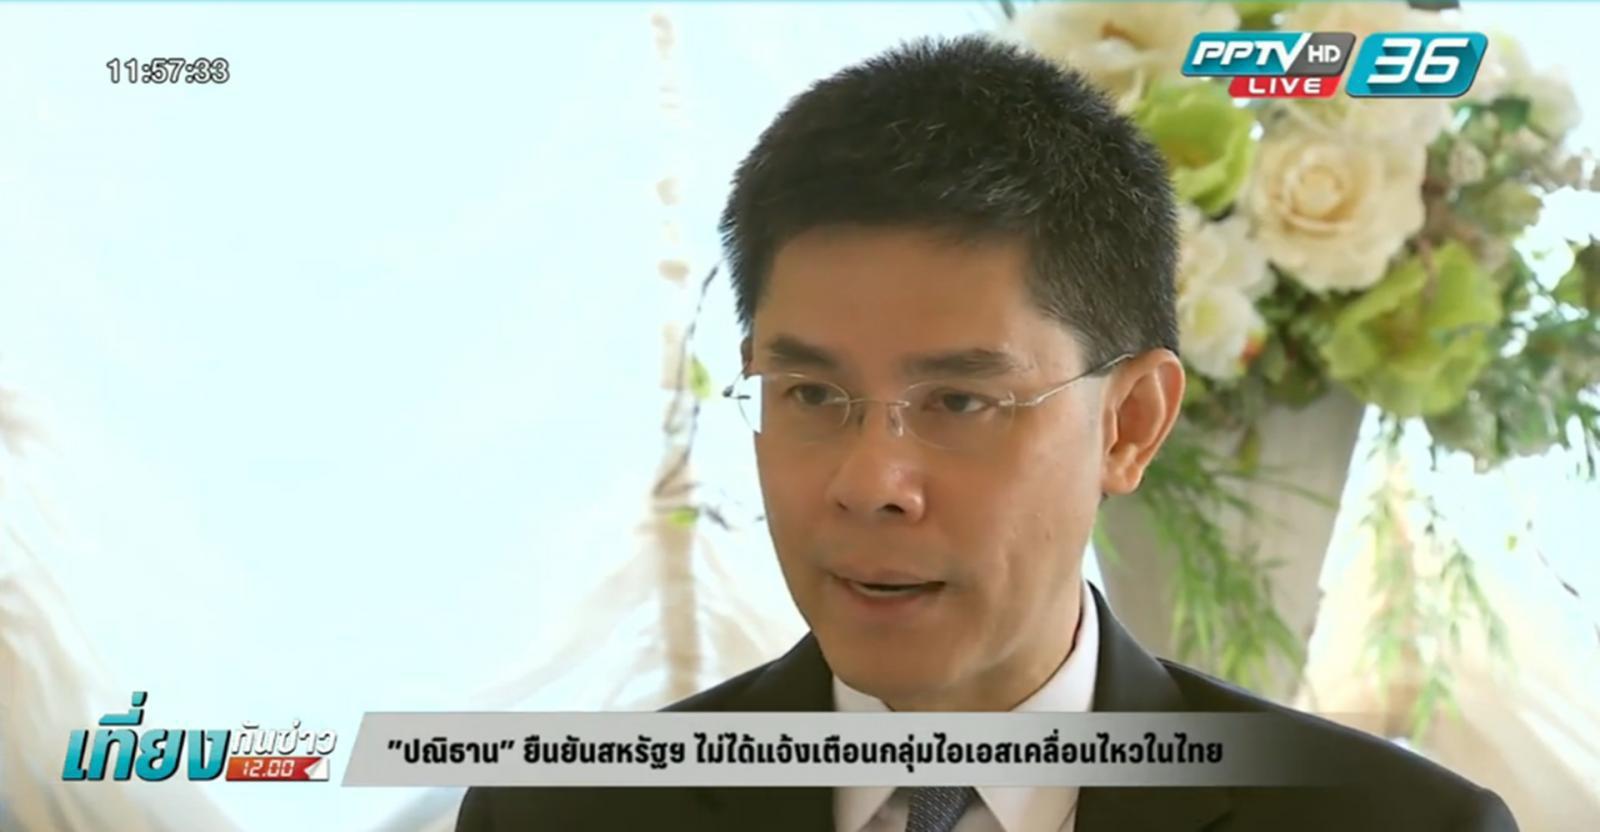 """""""ปณิธาน"""" ยันสหรัฐฯ ไม่ได้แจ้งเตือนกลุ่มไอเอสเคลื่อนไหวในไทย"""